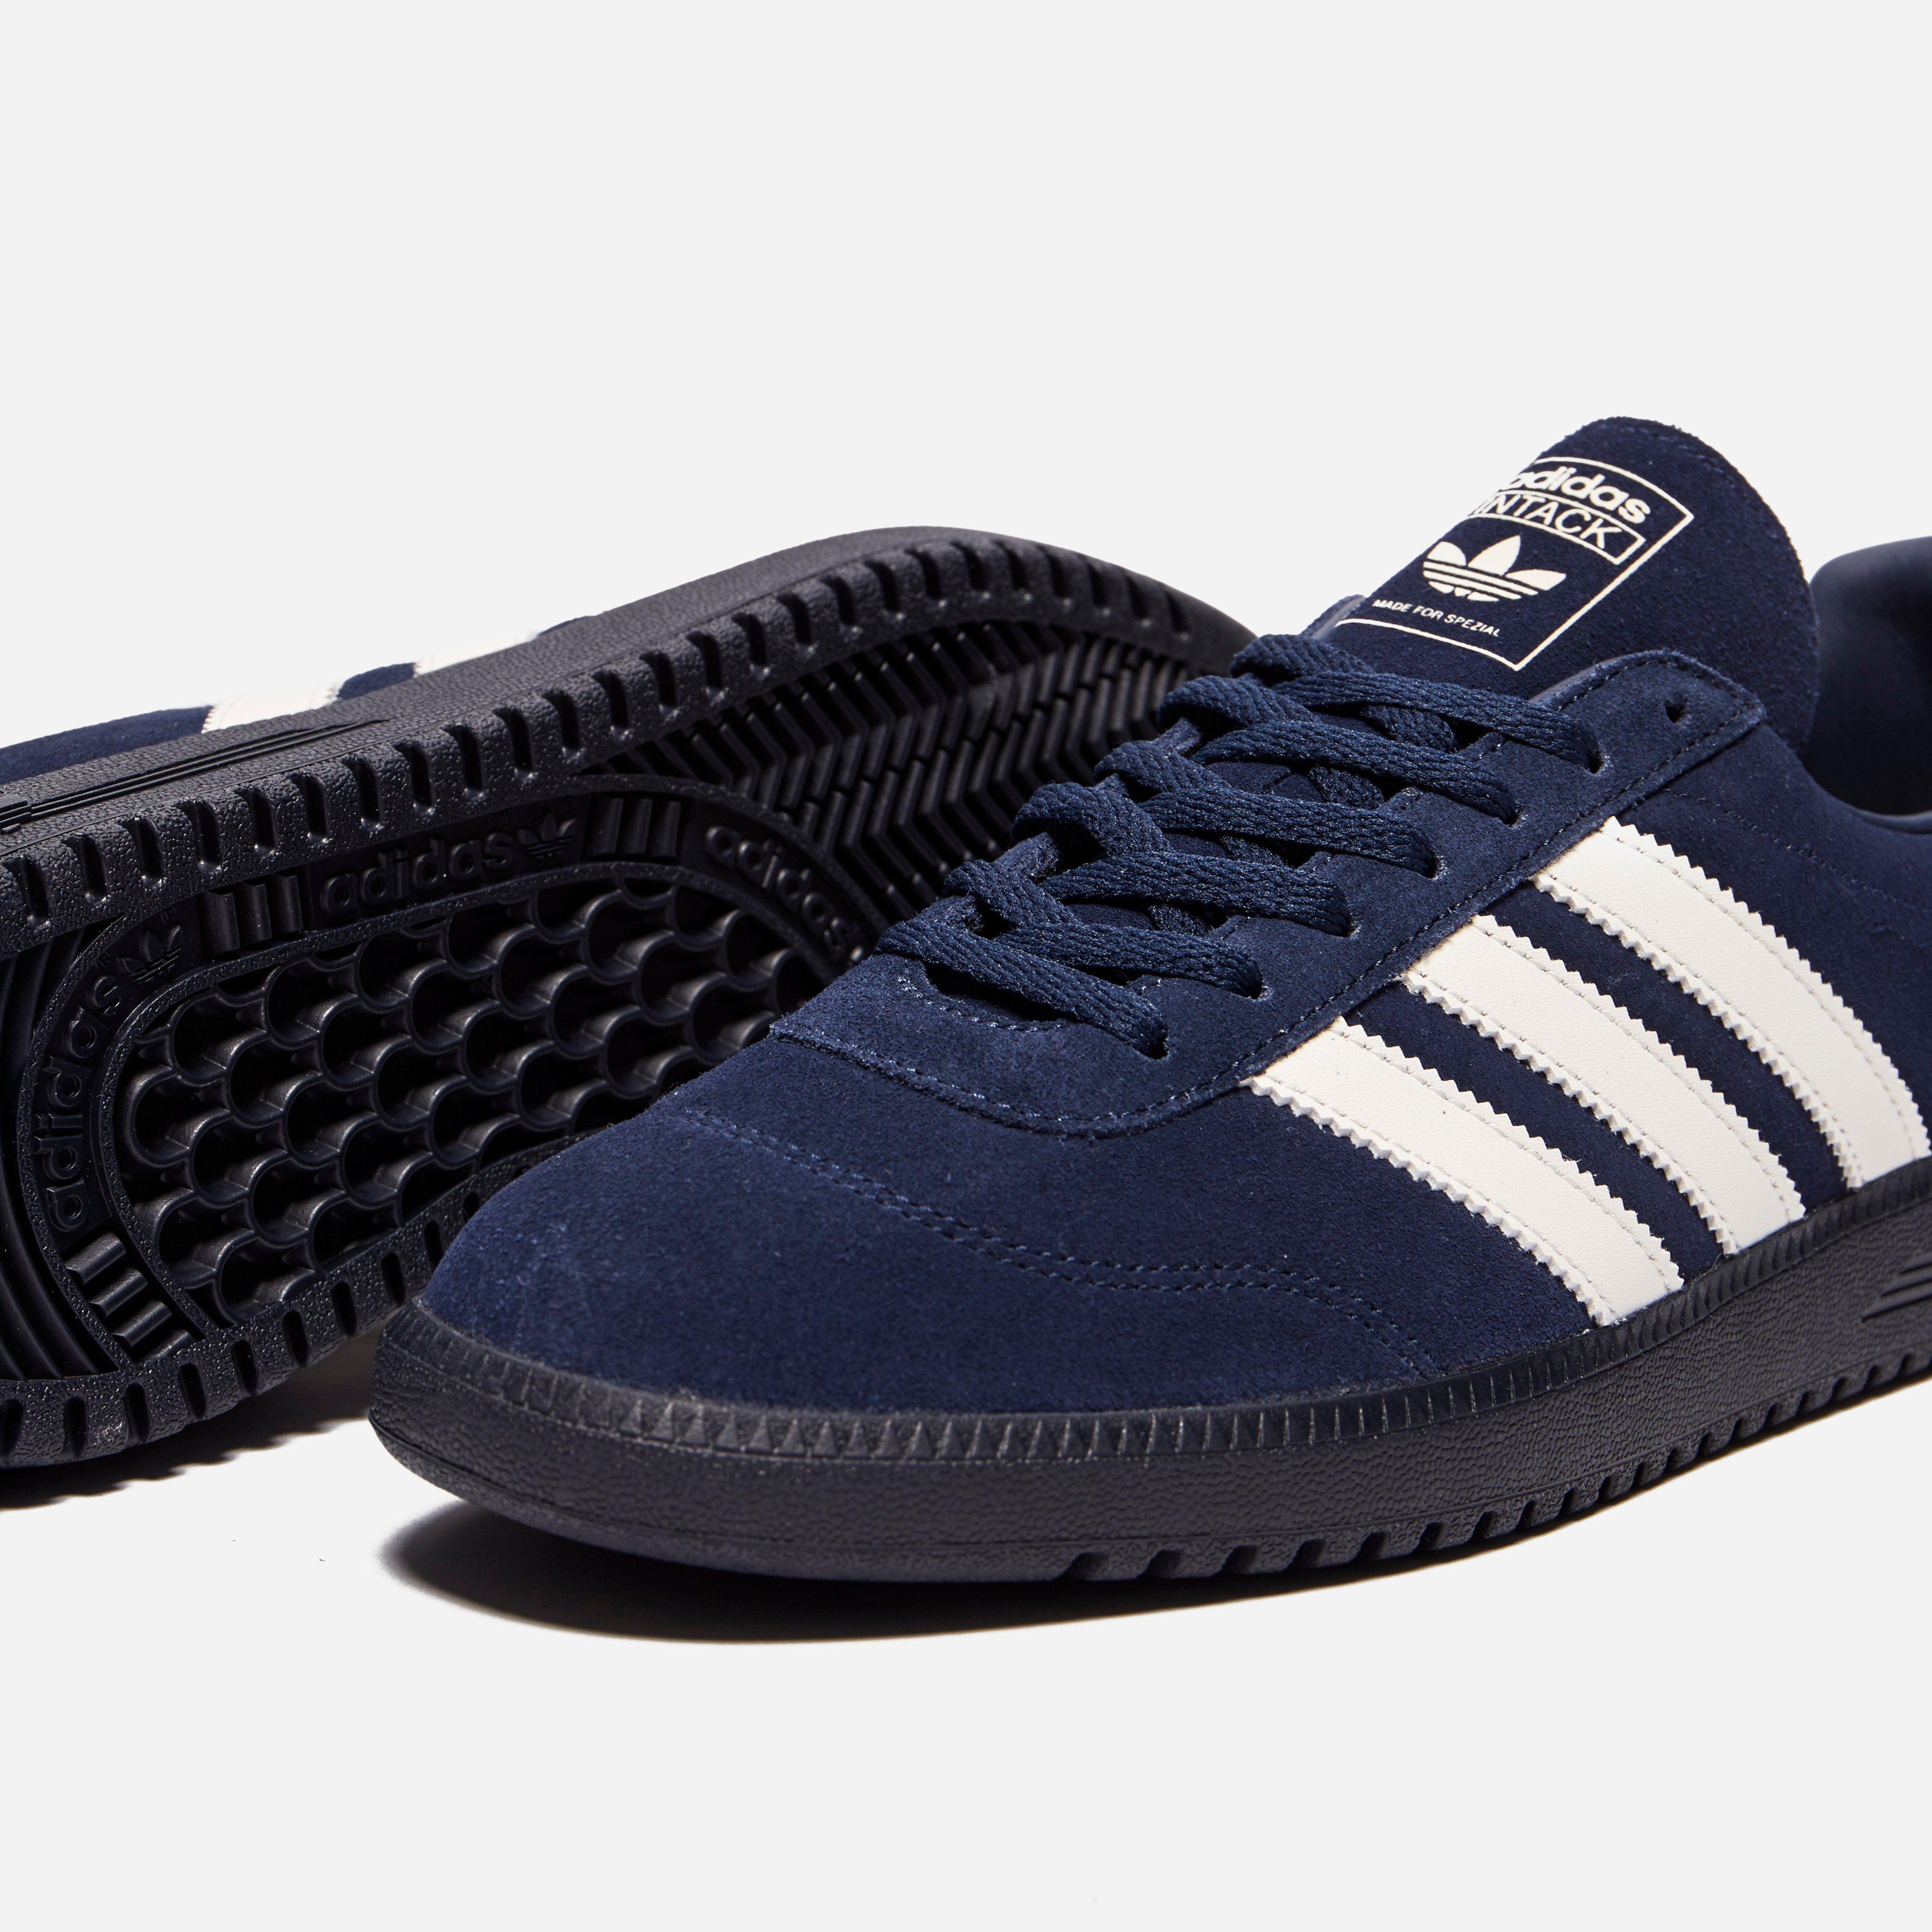 adidas Originals Intack SPZL